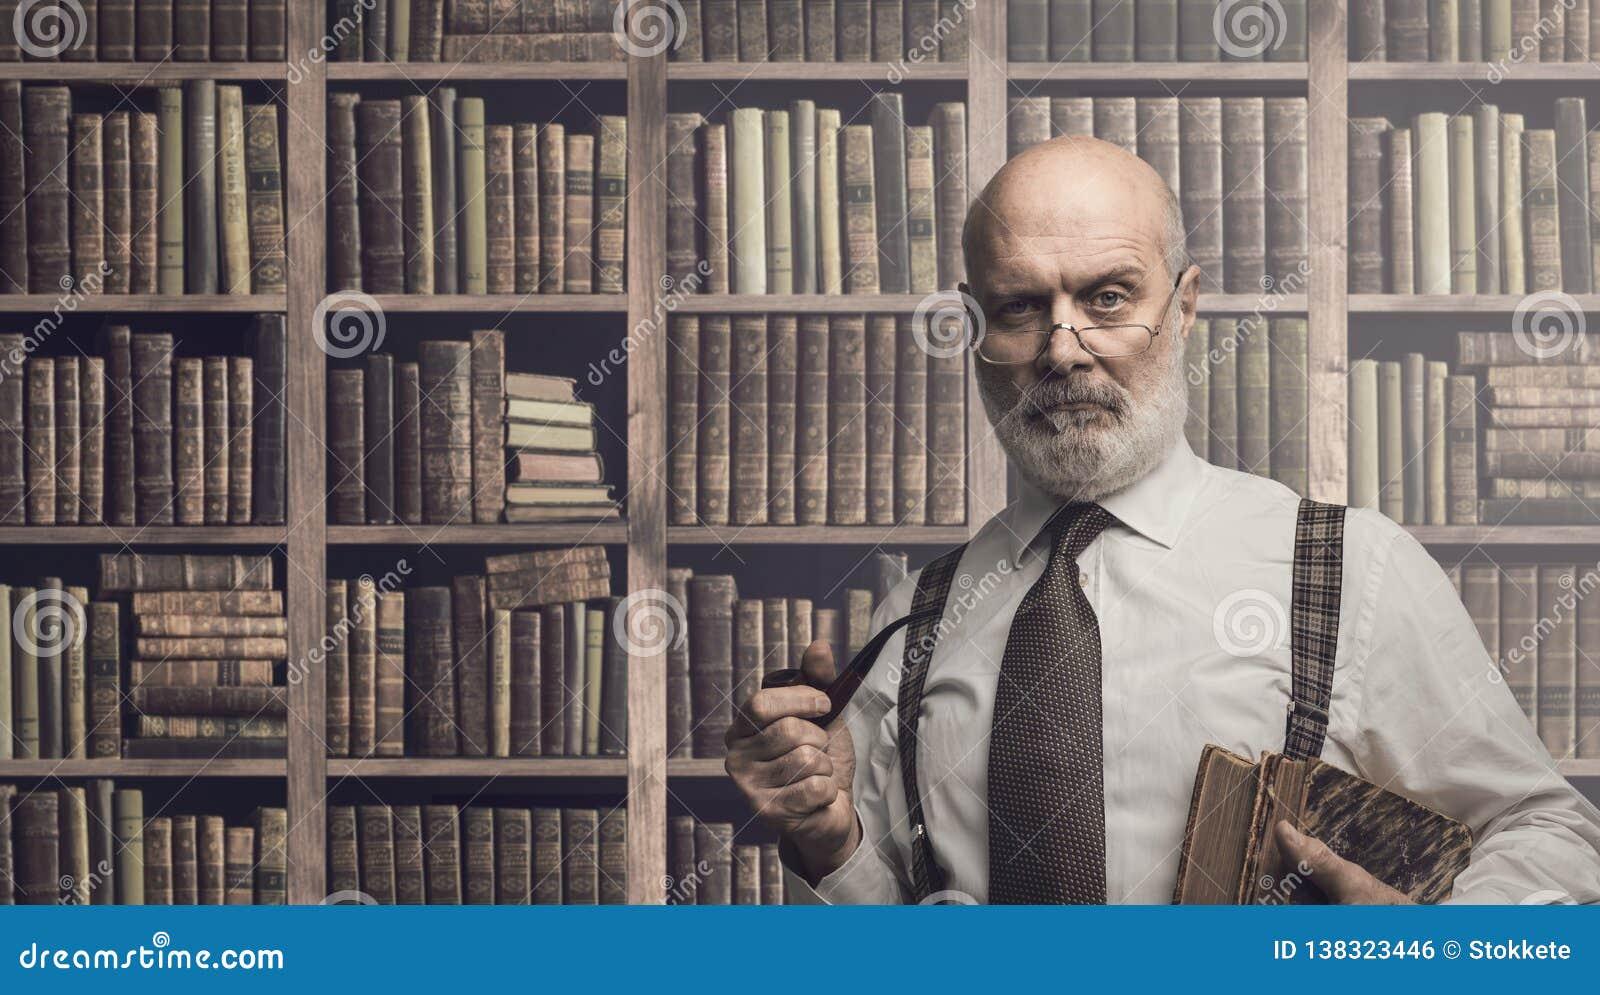 Profesor pozuje w bibliotece z książkami